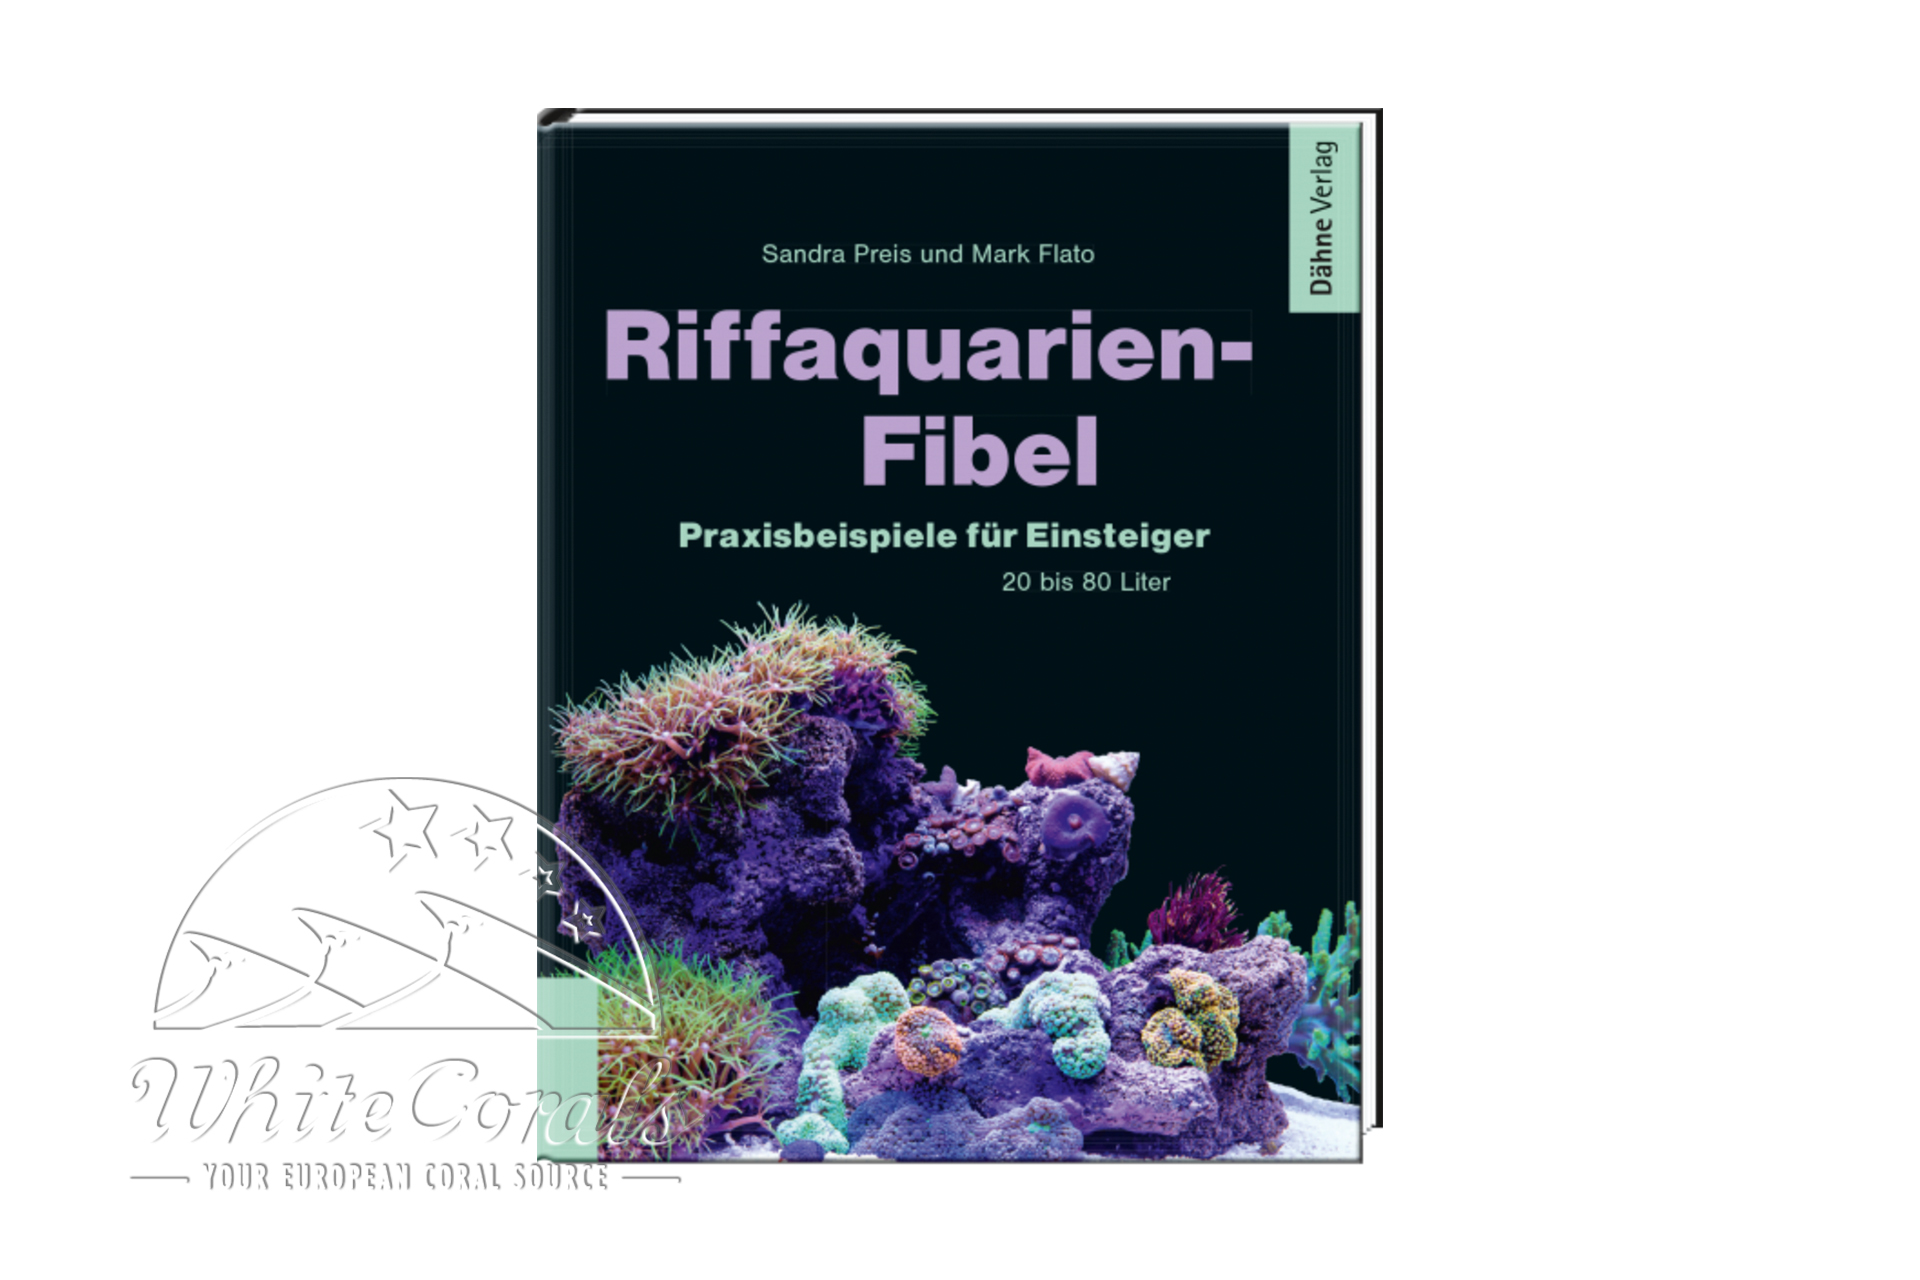 Riffaquarien-Fibel - Preis/Flato